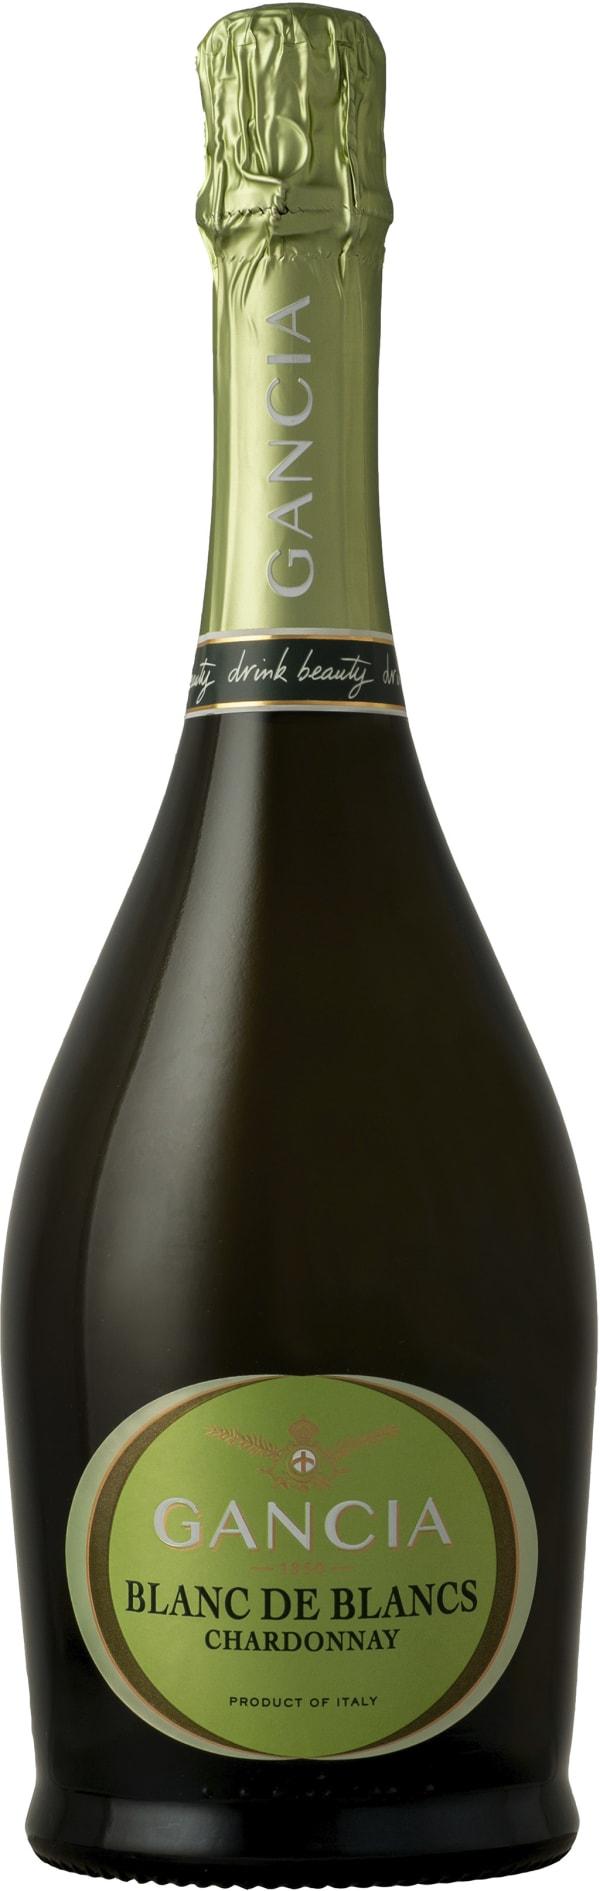 Gancia Blanc de Blancs Chardonnay Brut